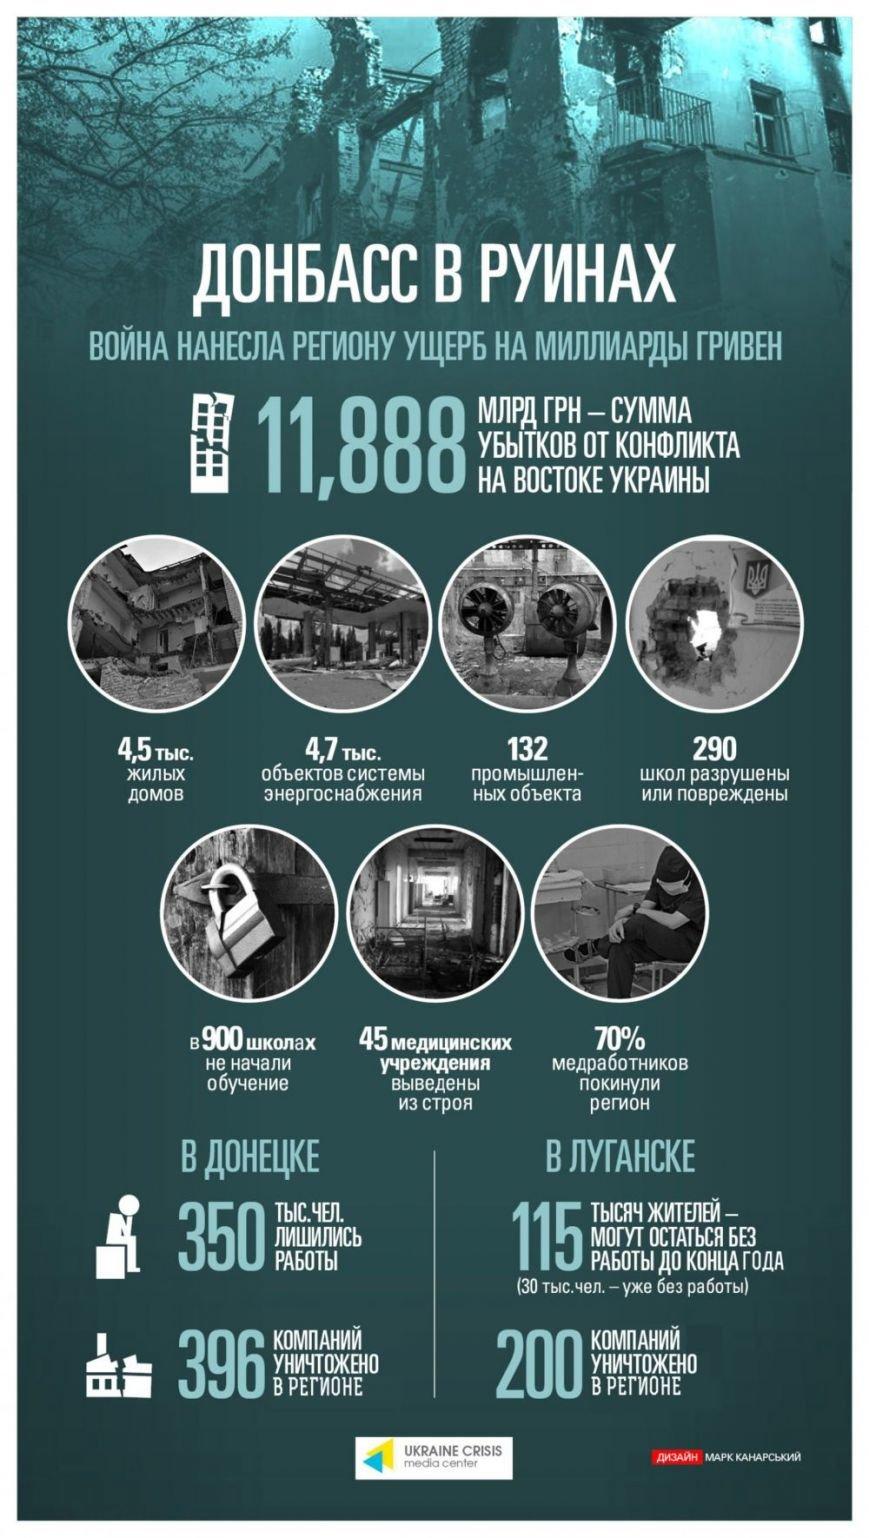 Сколько разрушений принесла война Донбассу, фото-1